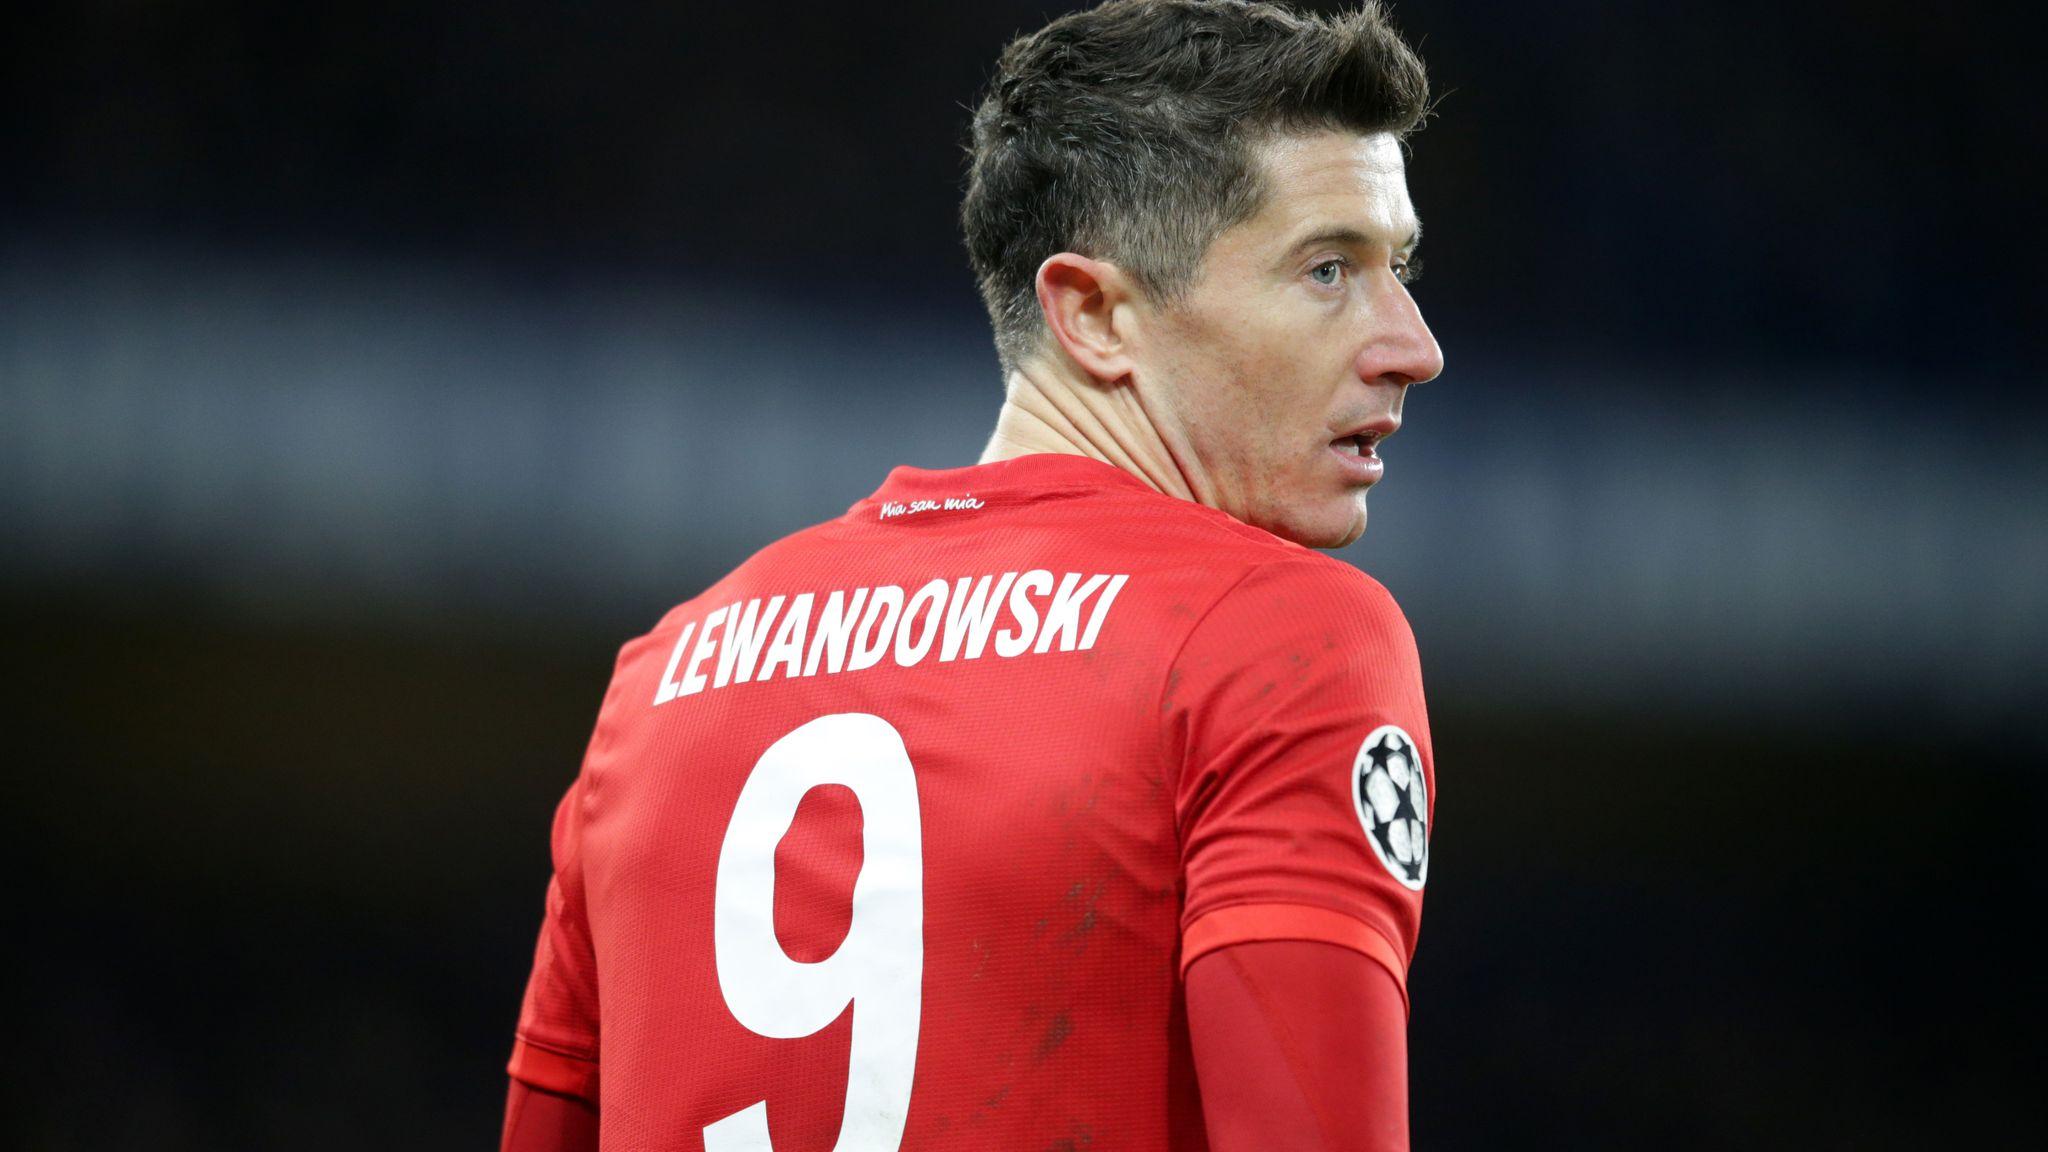 Bayern Munich sẽ 'mất' siêu tiền đạo Robert Lewandowski trong 4 tuần | Bóng  đá | Vietnam+ (VietnamPlus)